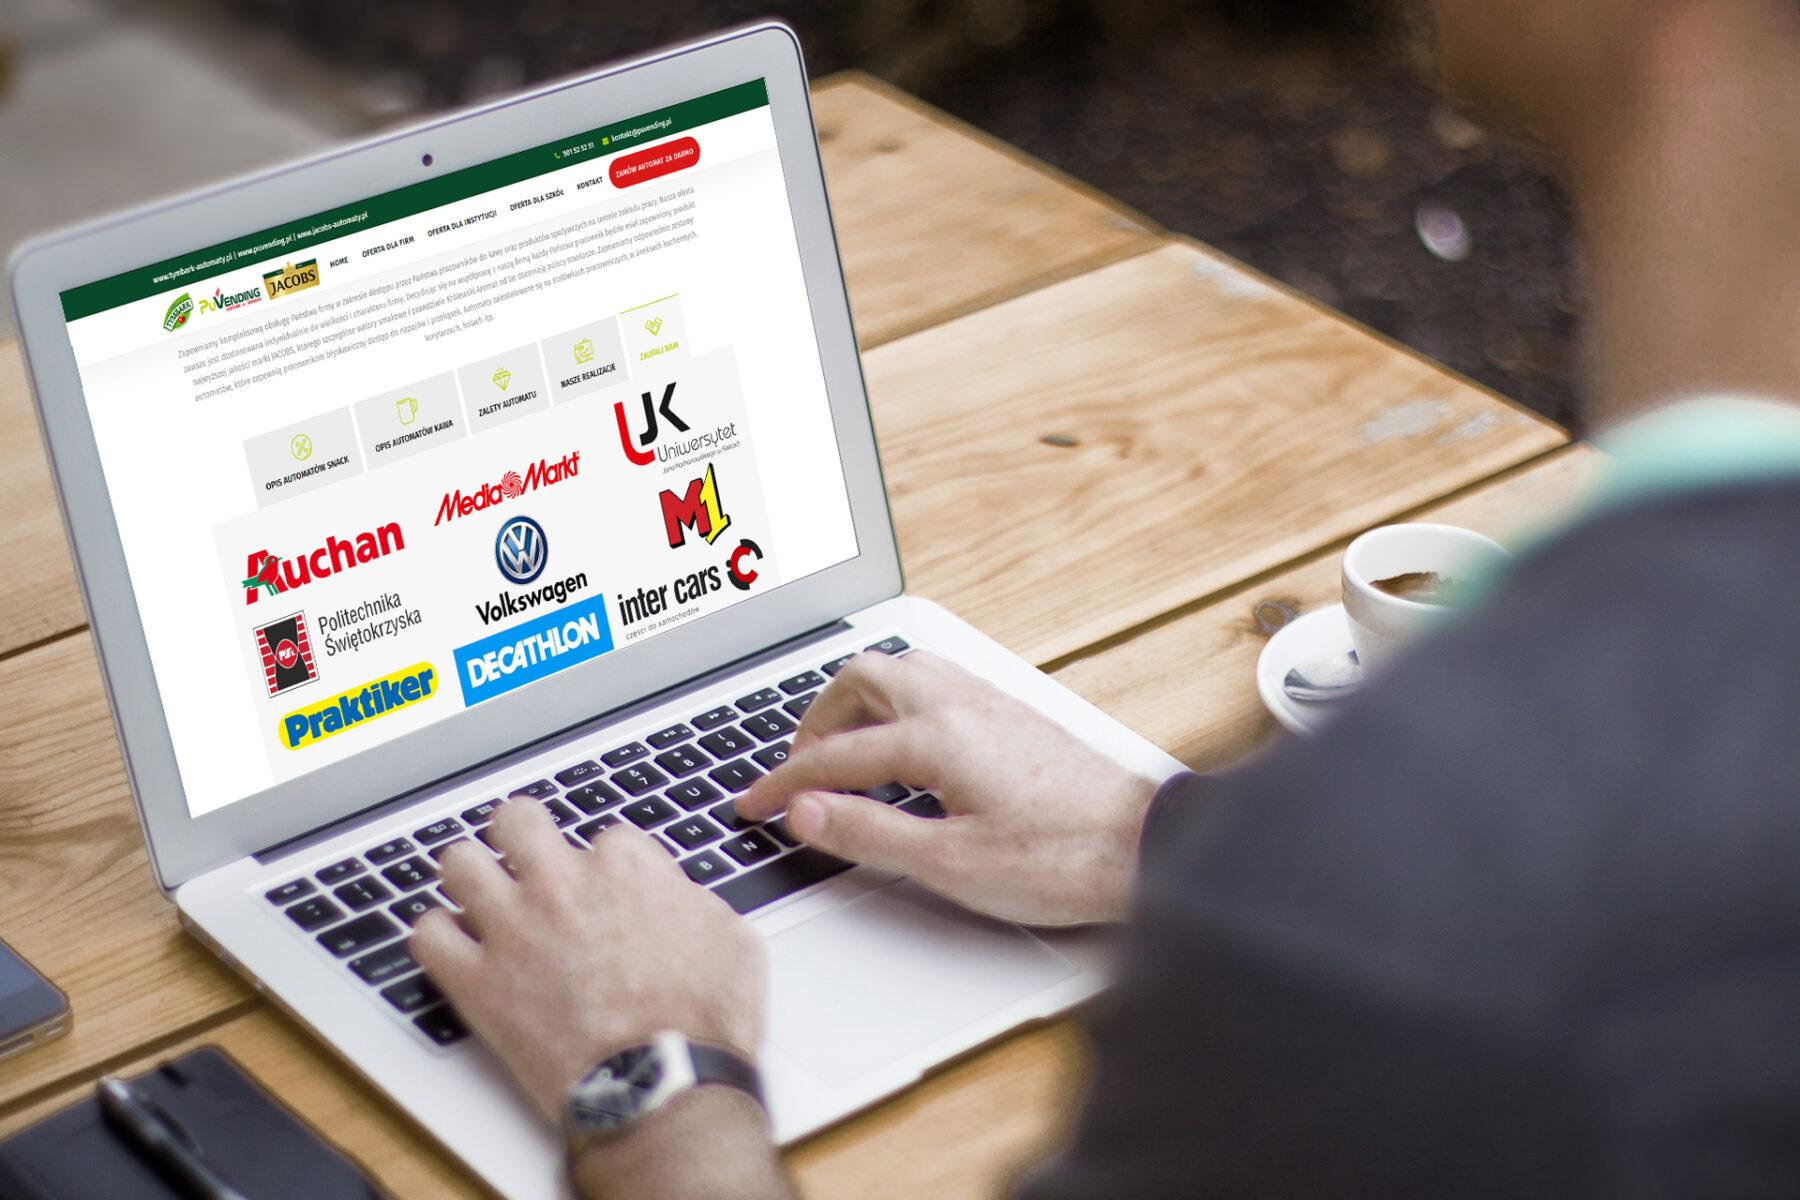 Wizualizacja strony www puvending.pl - screen 4